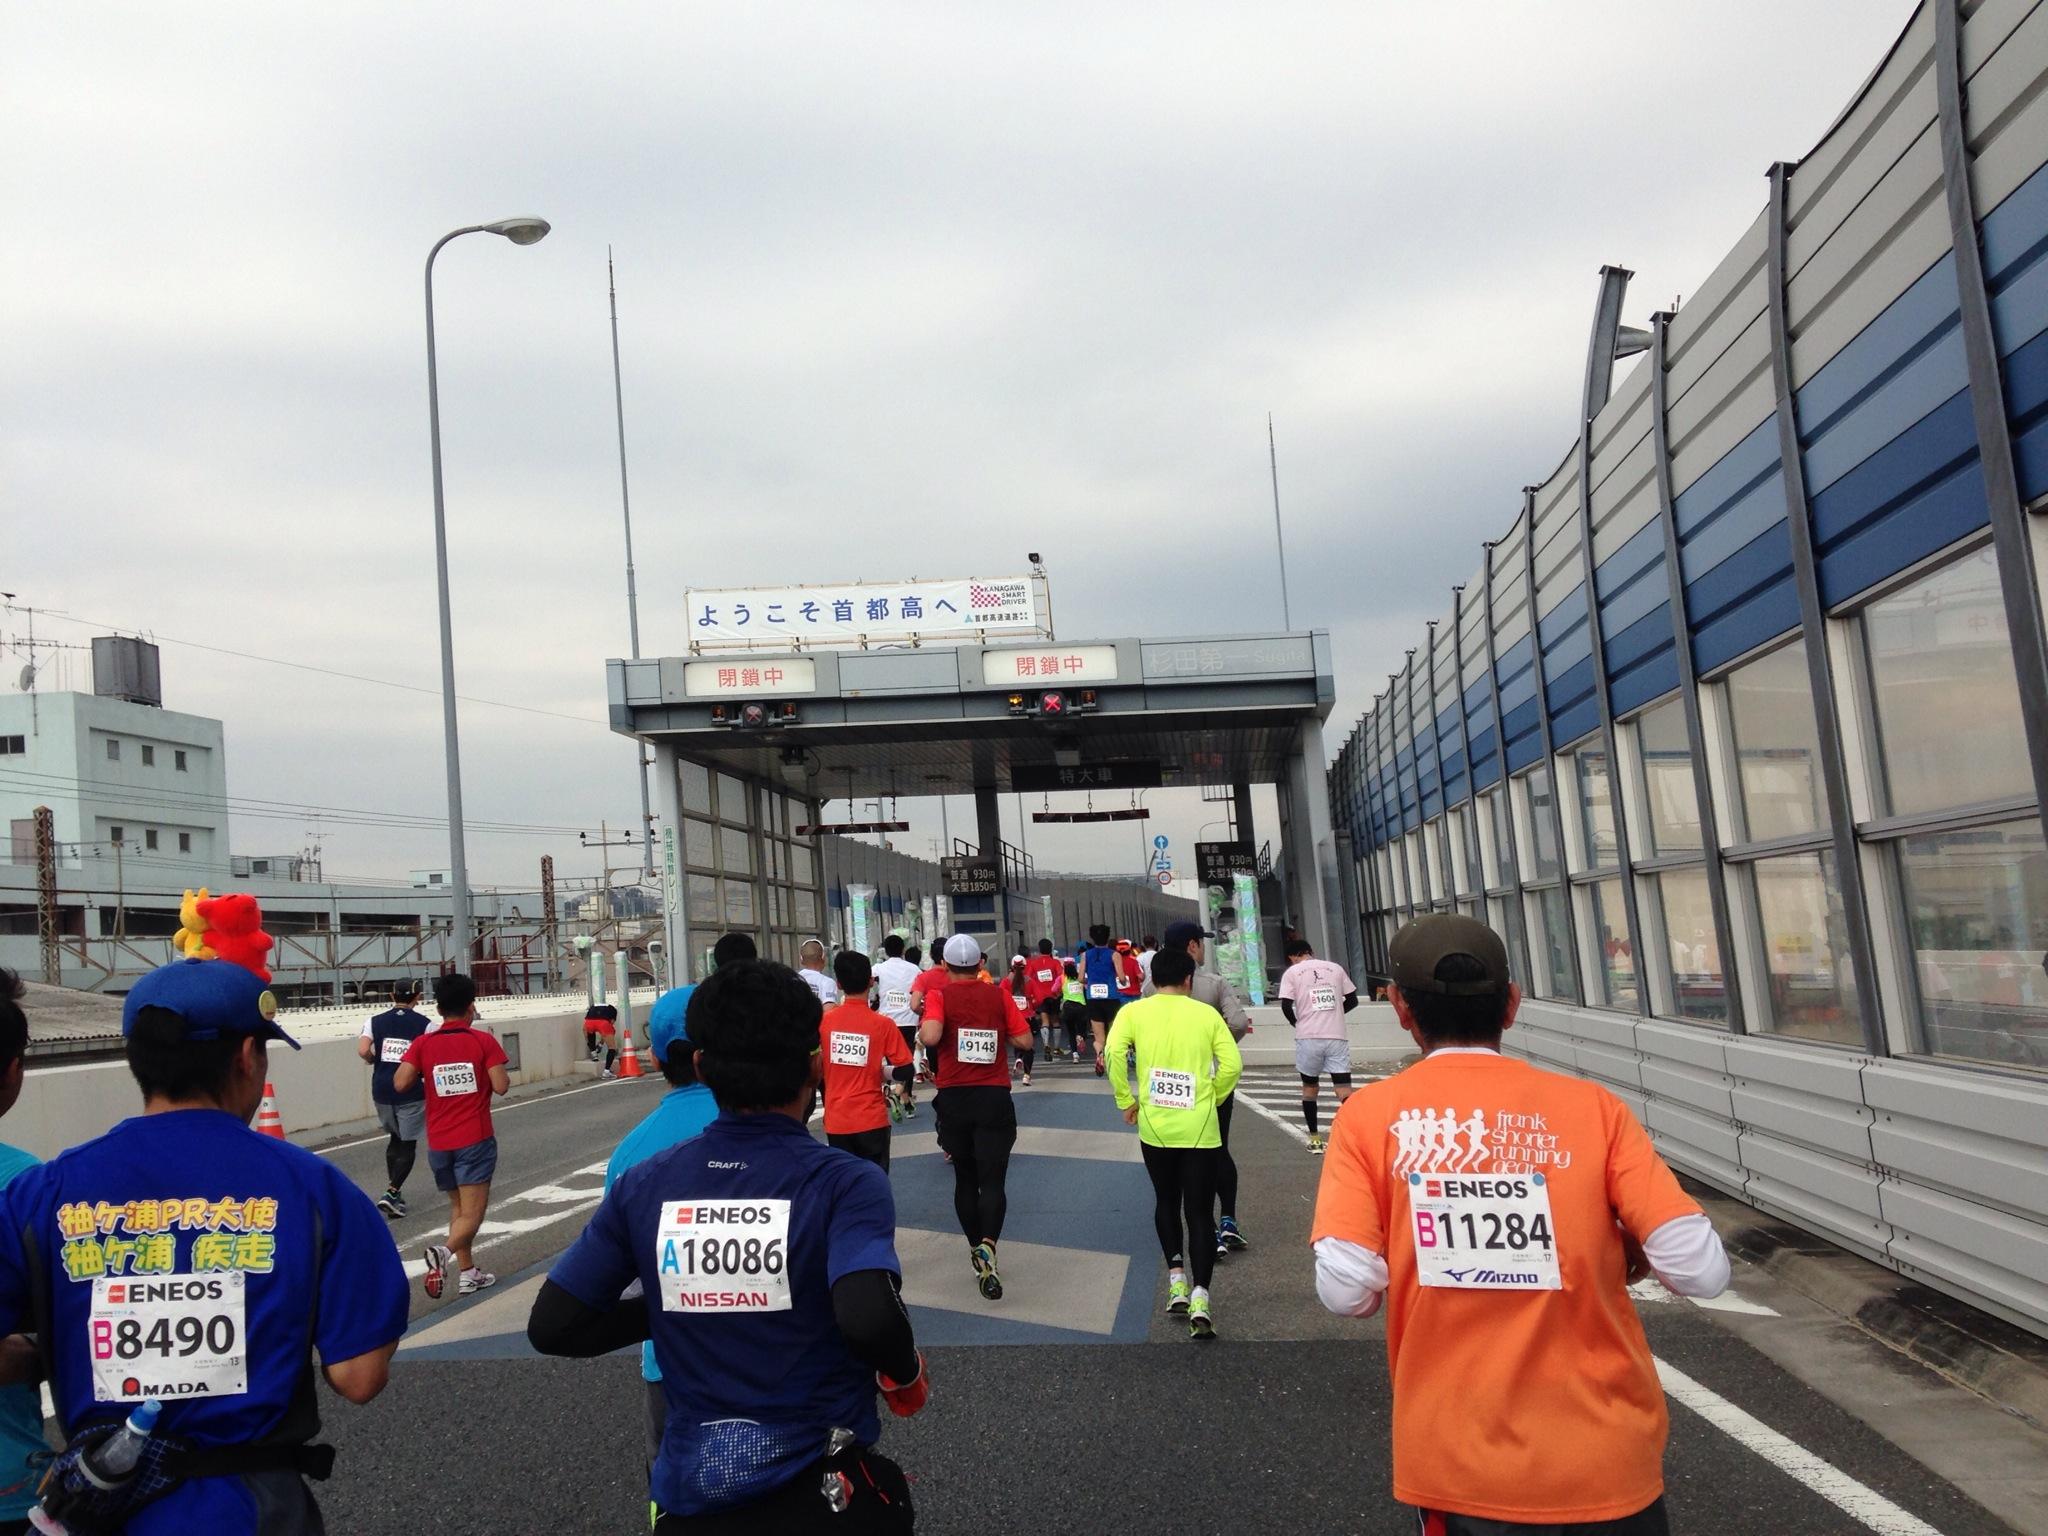 横浜マラソン2015、首都高速の予想外の走りづらさに苦しむも、3時間37分42秒で完走しました! 応援ありがとうございました!!